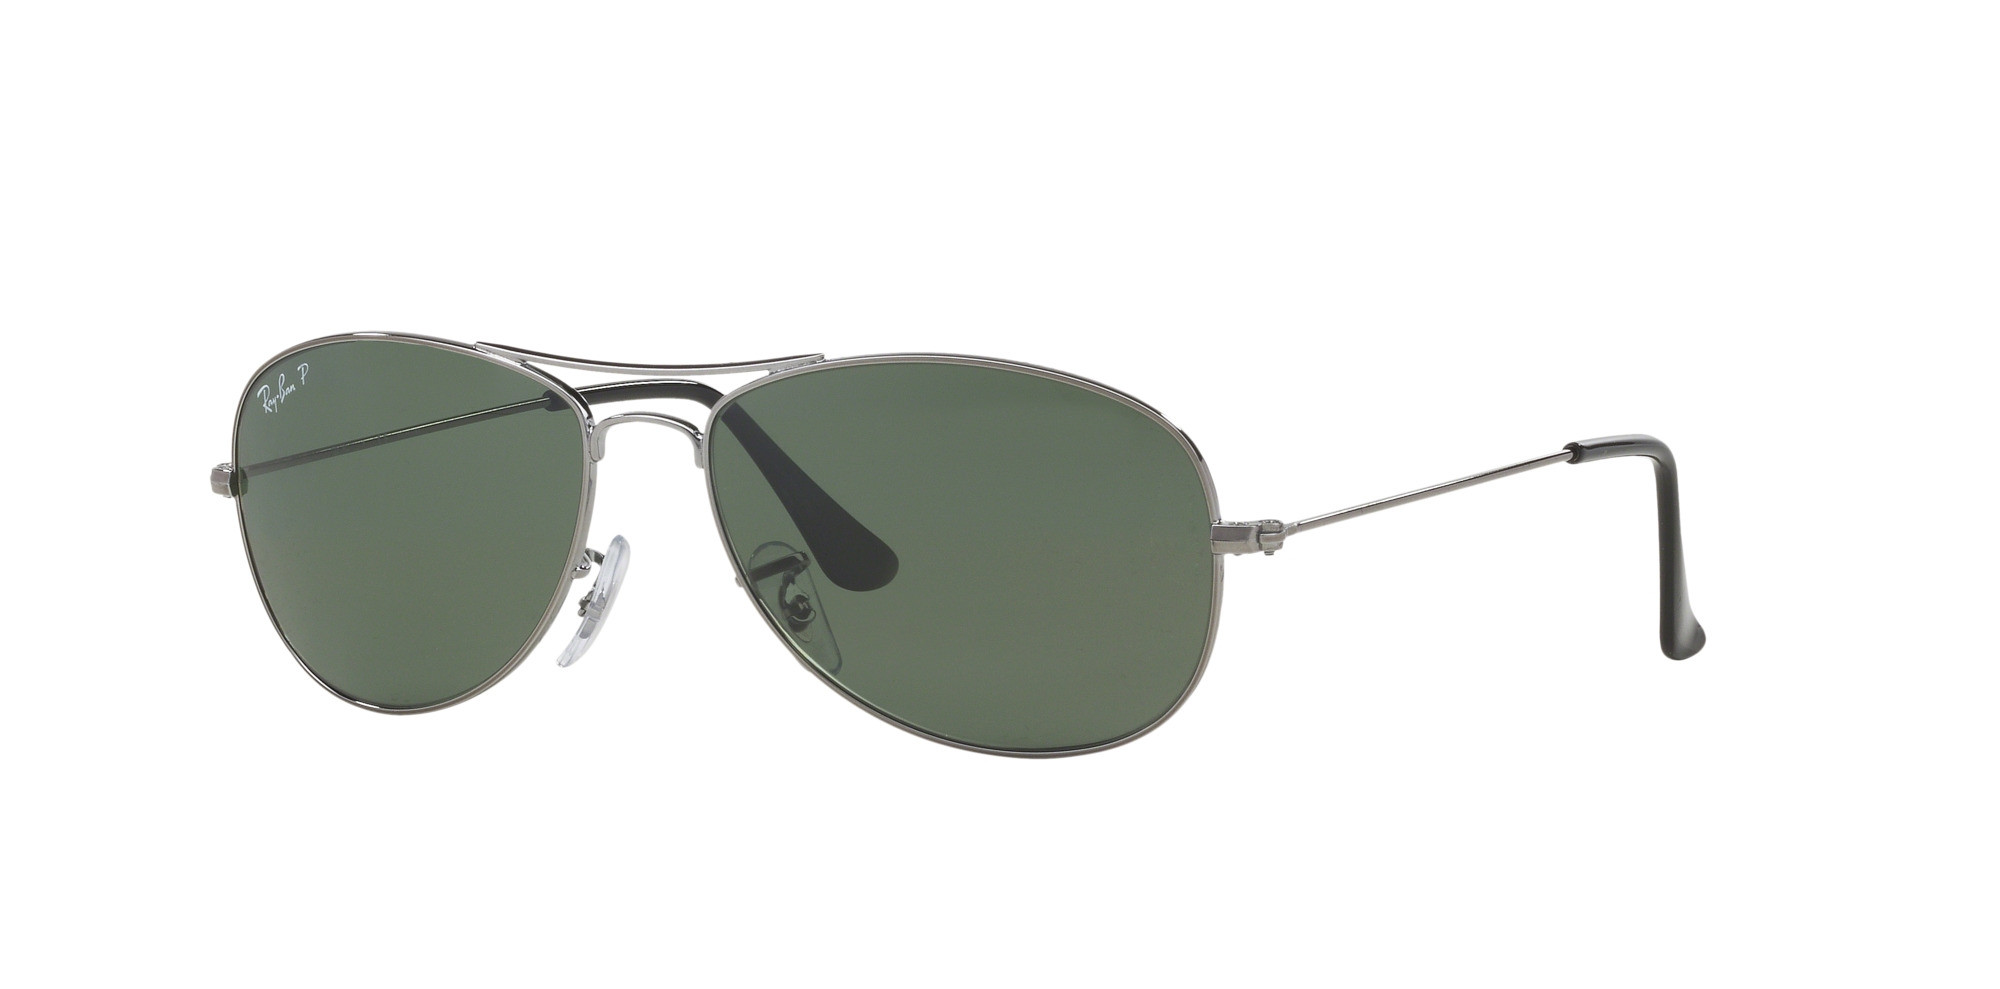 Gafas de sol RAY-BAN COCKPIT RB 3362 004/58 POLARIZADAS